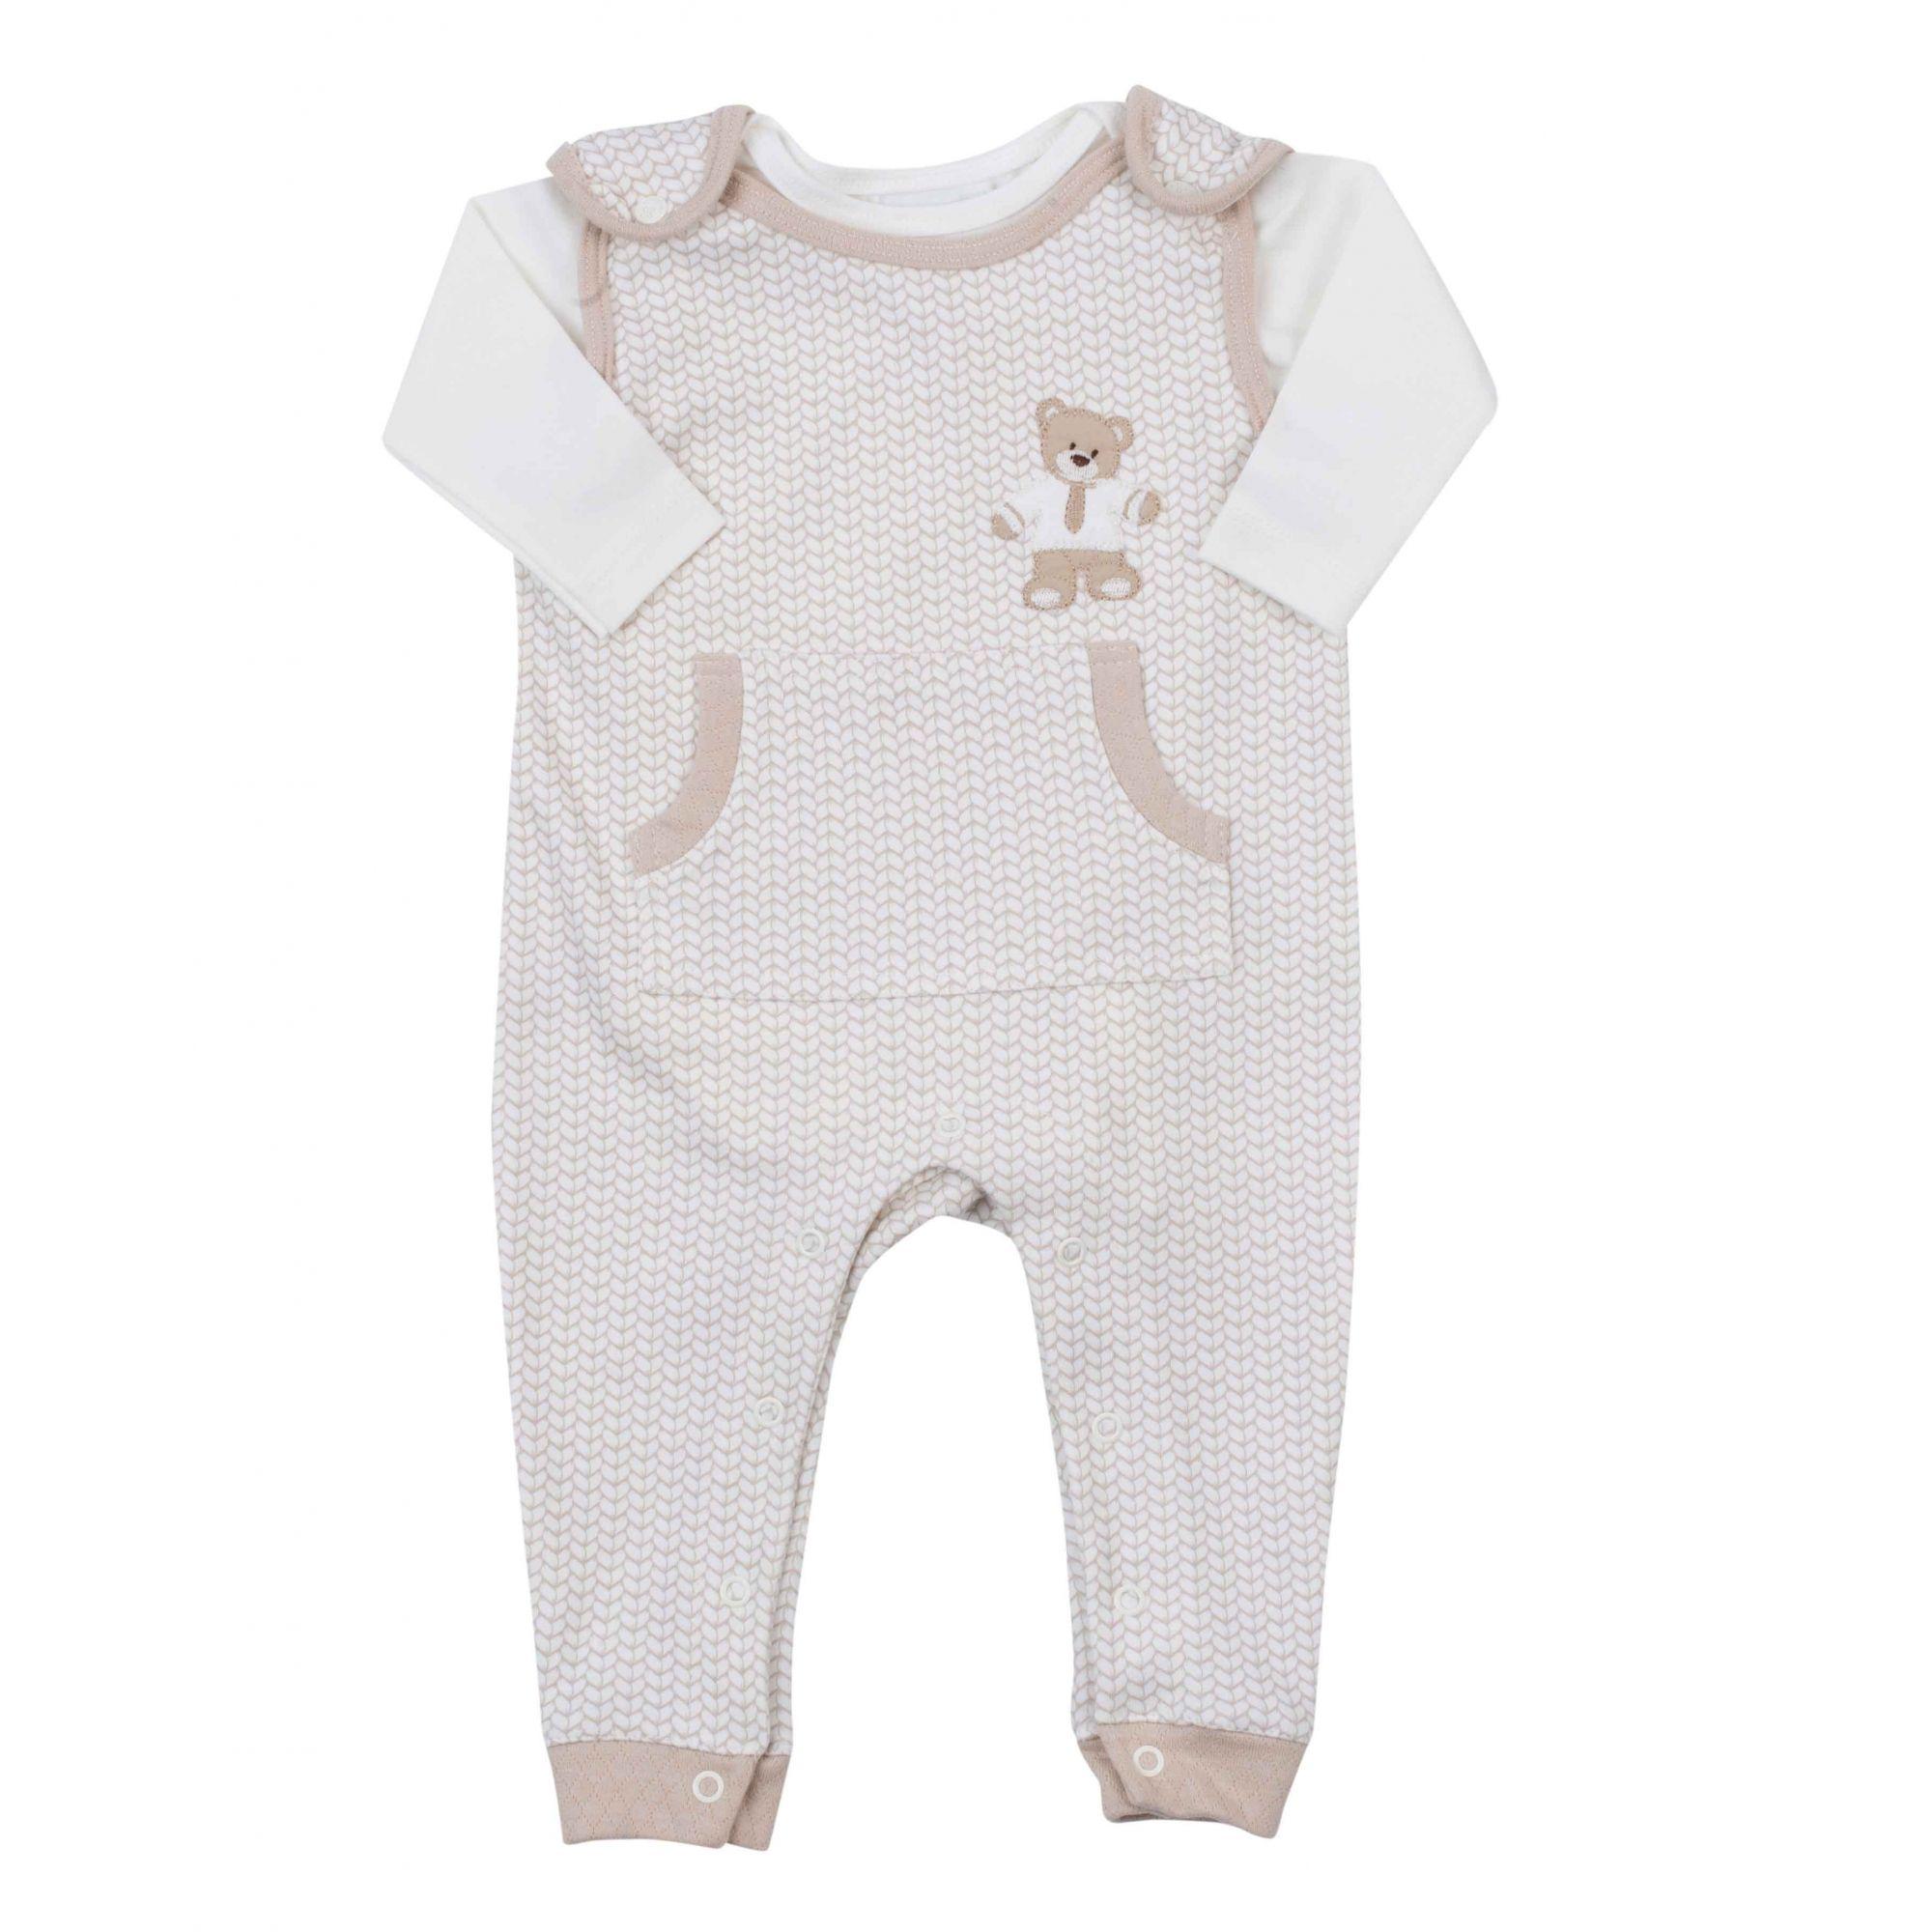 Macacão Jardineira Bebê com Body Coquelicot Ursinho / Creme 2 pçs